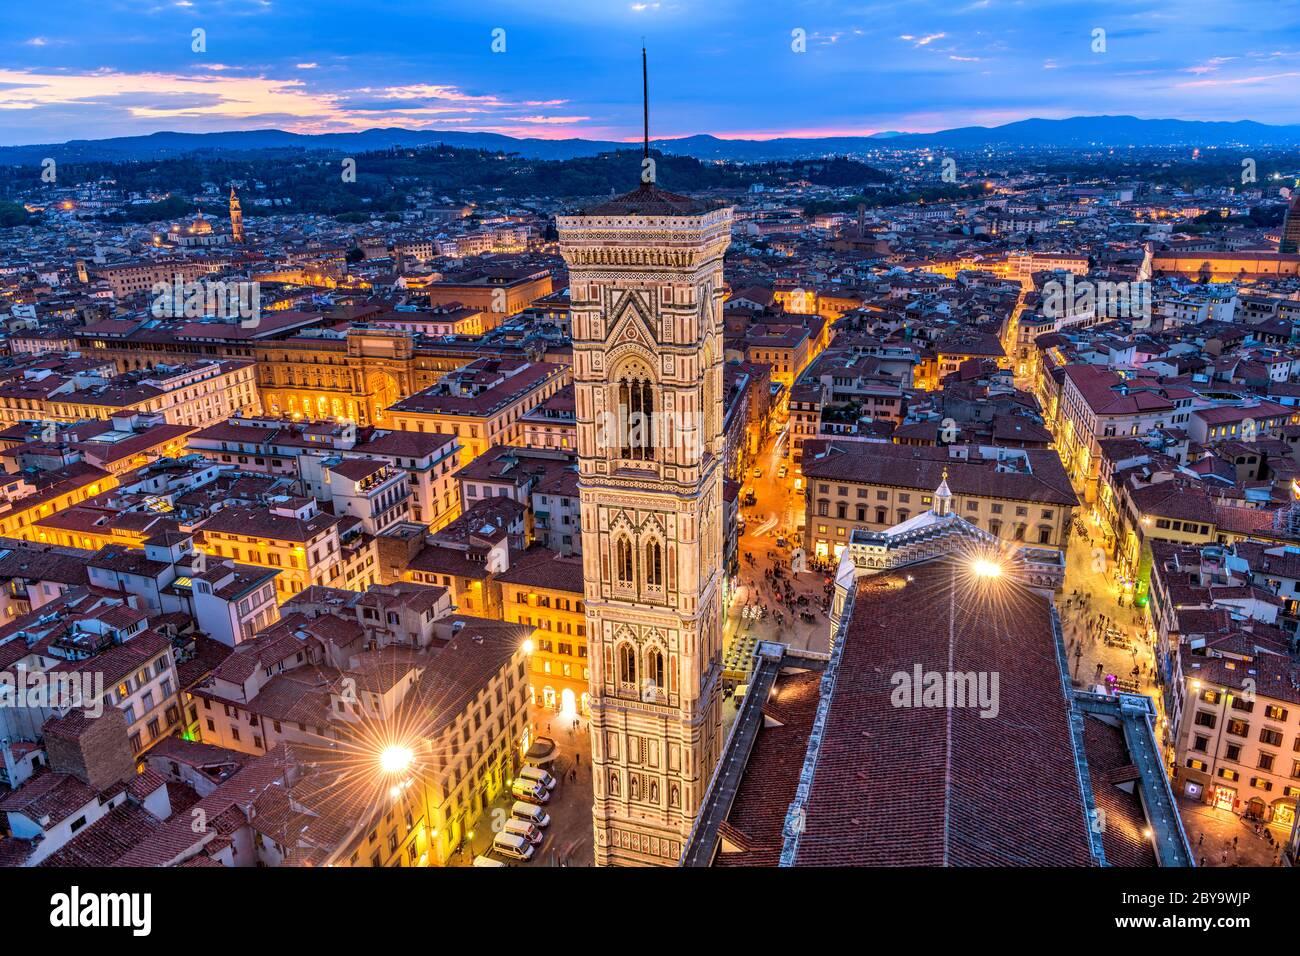 Campanile di Giotto - veduta aerea del campanile di Giotto e della Città Vecchia di Firenze, vista dalla cima della cupola del Duomo di Firenze del Brunelleschi. Foto Stock